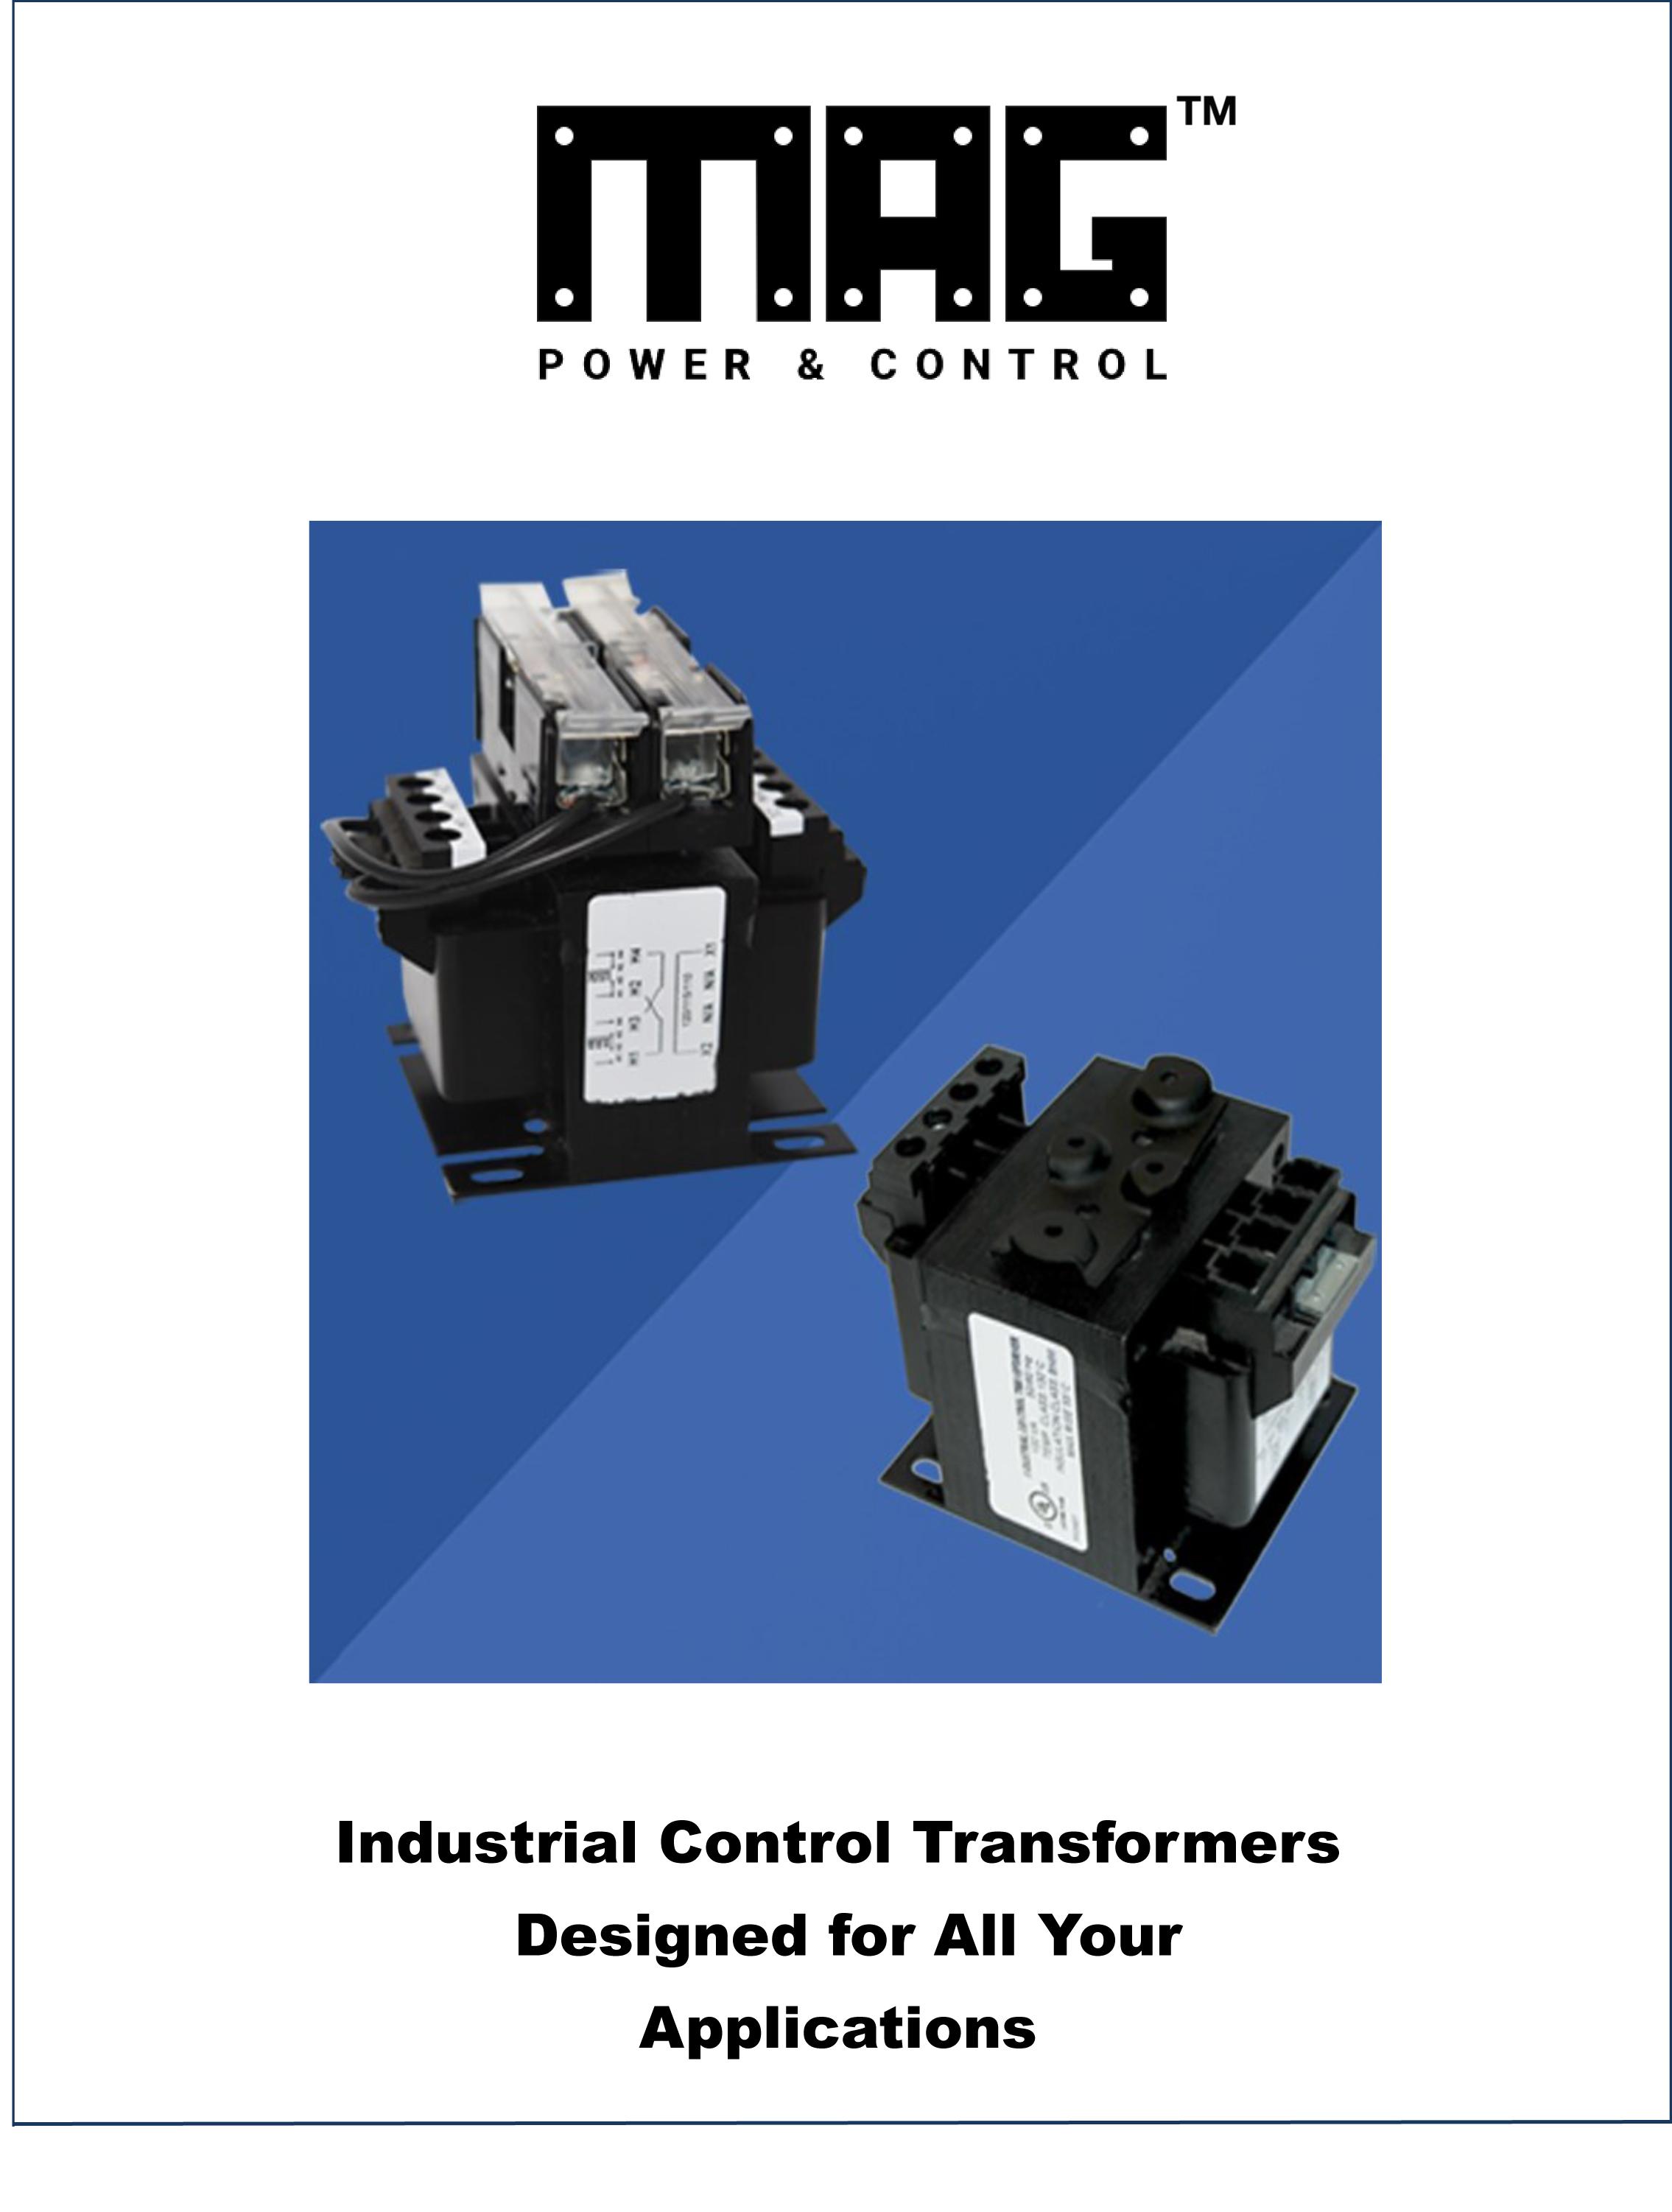 s Termostato BC-PB-2-WM-2 Blanco termoestato , 0-50 /°C Blanco, LR03//AAA, 1,5 V, 50 mA, 5 a/ño MAX